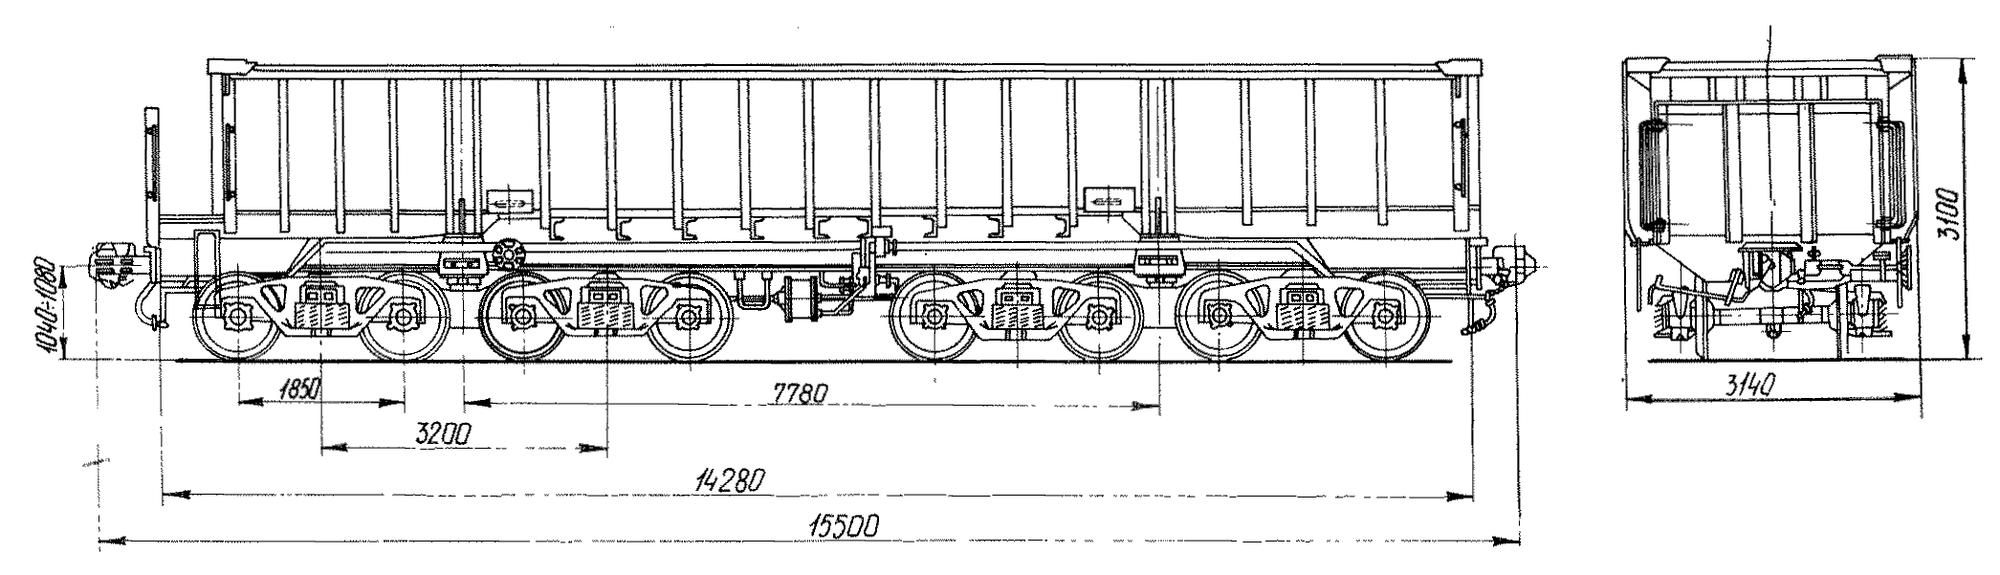 8-осный полувагон с глухим кузовом для медной руды